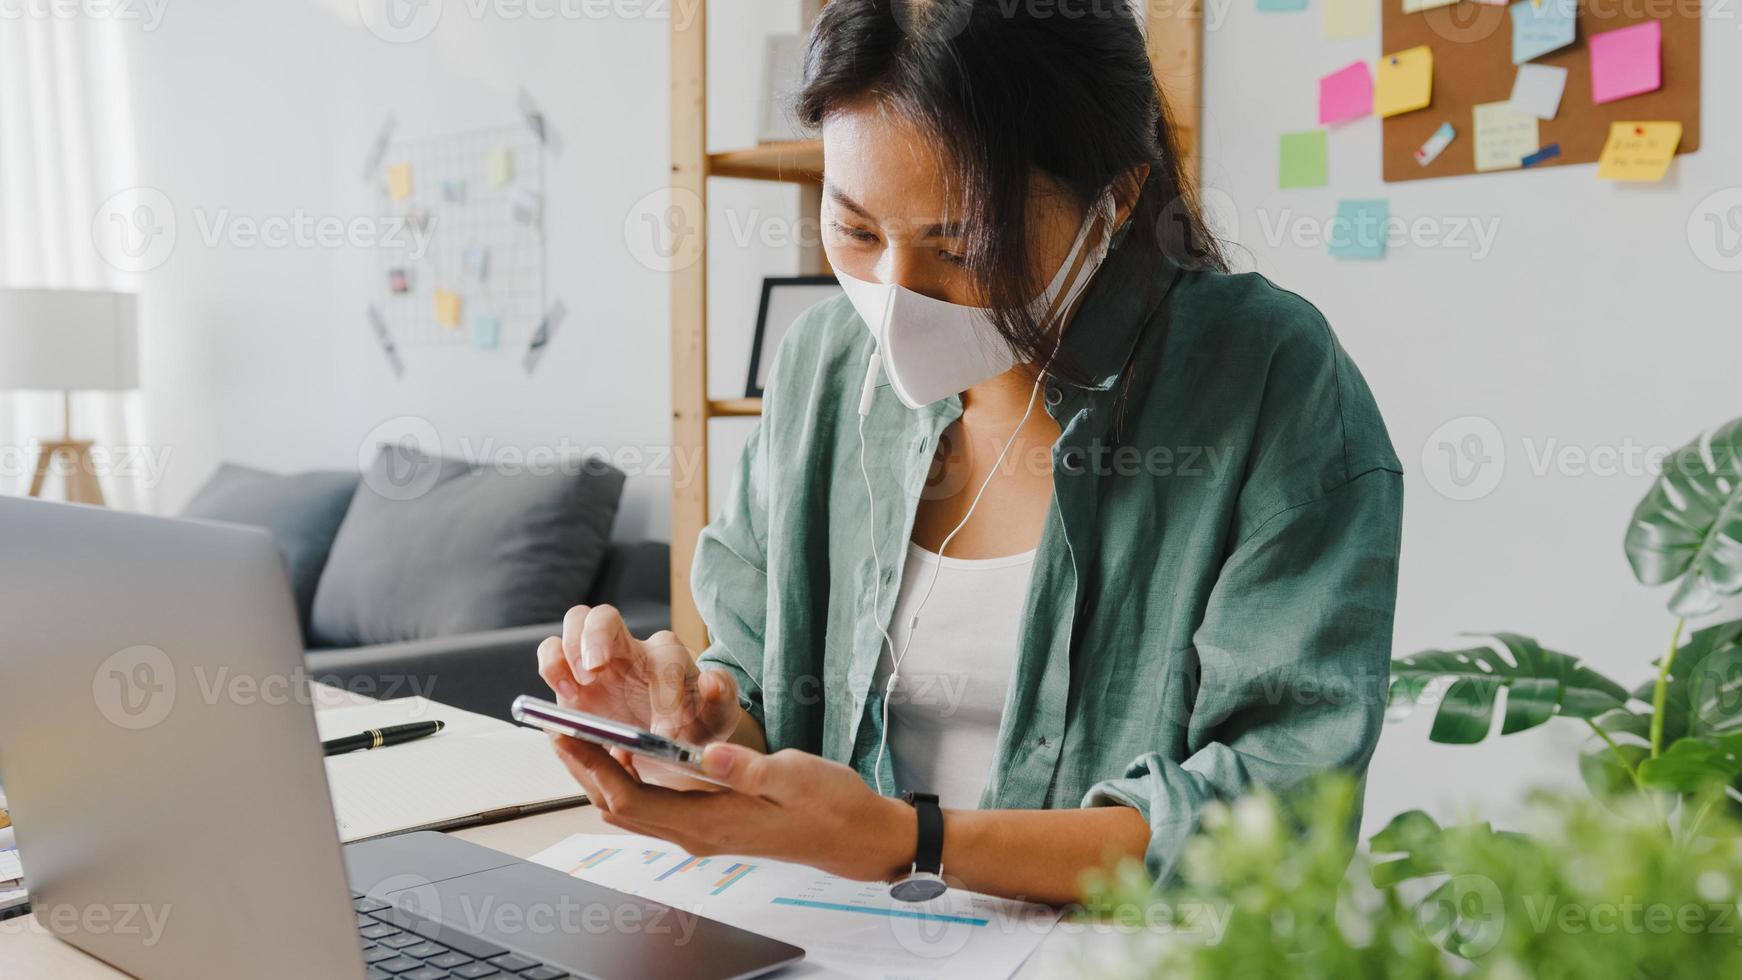 le donne freelance asiatiche indossano la maschera facciale utilizzando lo smartphone che acquista online tramite il sito Web mentre sono sedute alla scrivania in soggiorno. lavoro da casa, lavoro a distanza, distanziamento sociale, quarantena per coronavirus. foto